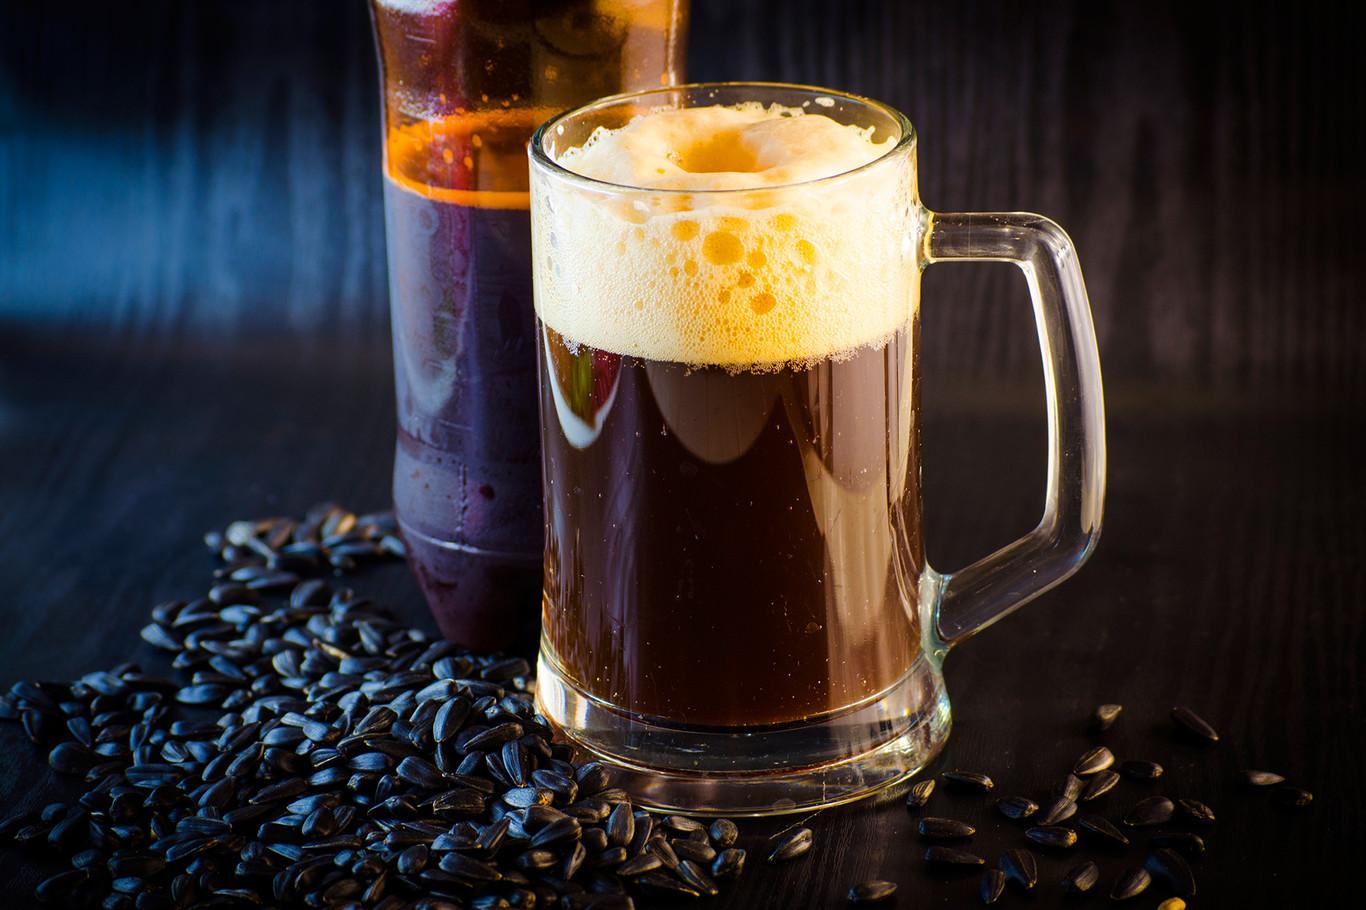 Goaßmass, el calimocho alemán que mezcla cerveza y Coca-Cola, quiere volver a ponerse de moda